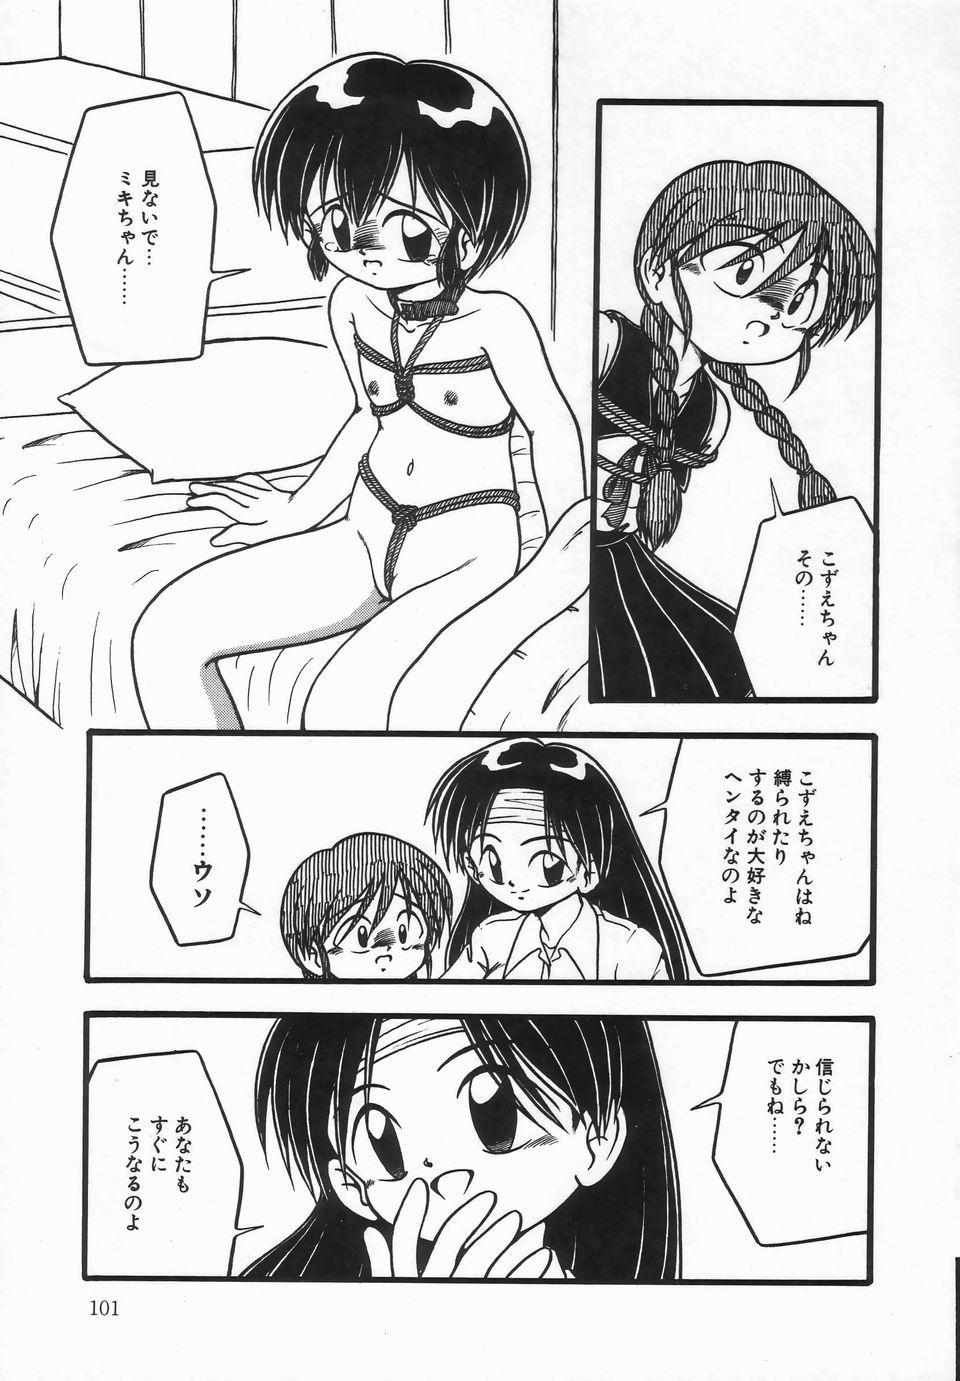 Kanchou Shoujo - Enema Girl 104